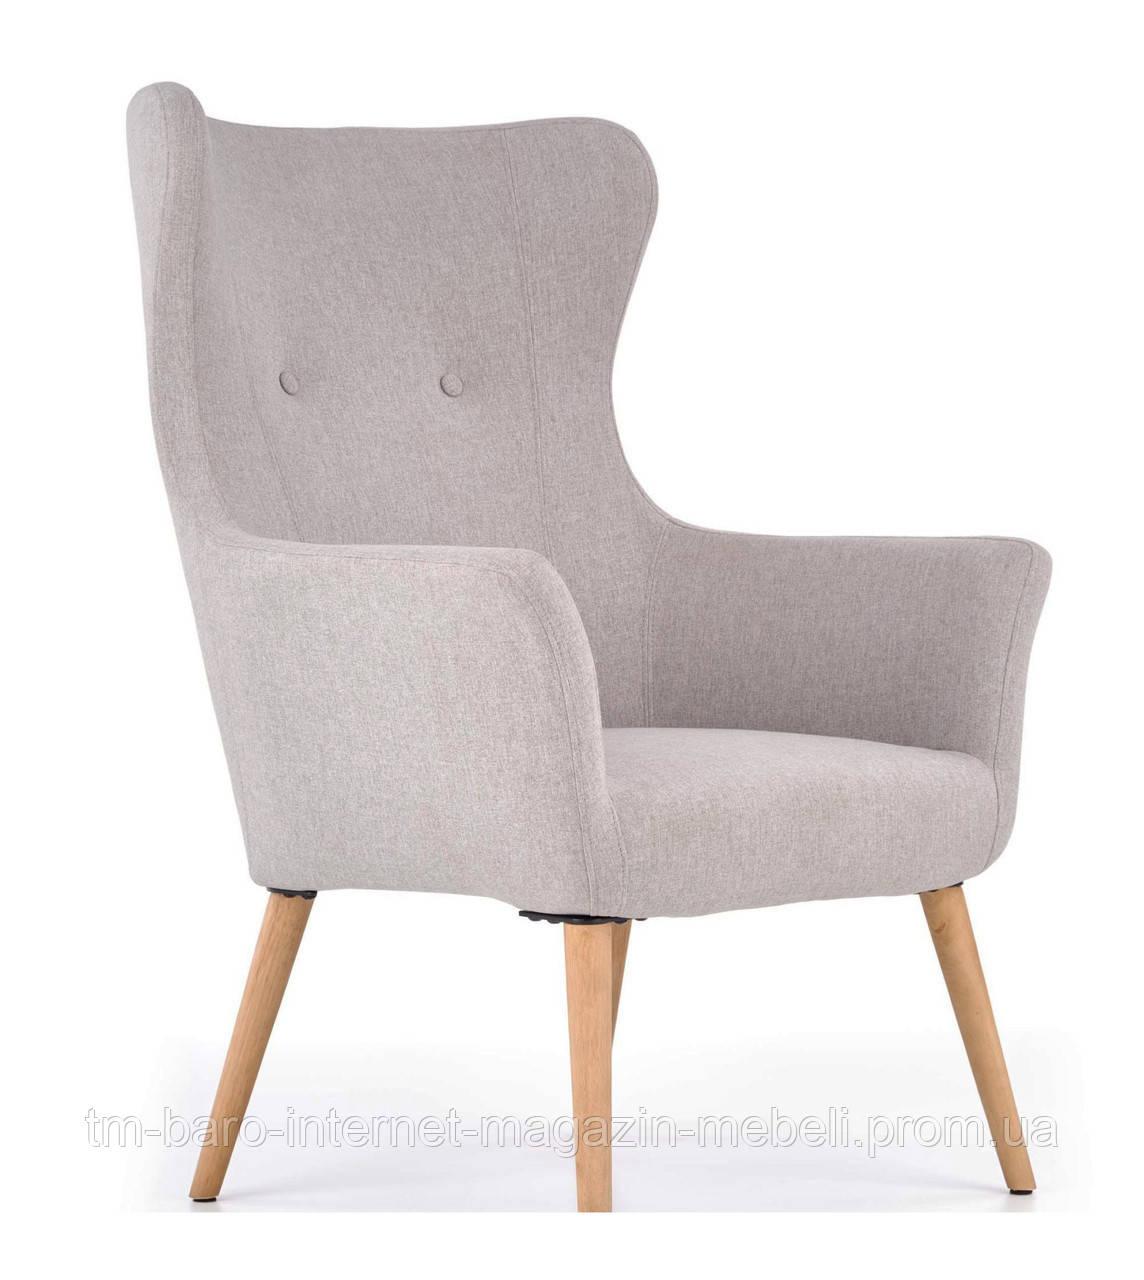 Кресло Cotto (Котто) светло-серый, ткань, Halmar